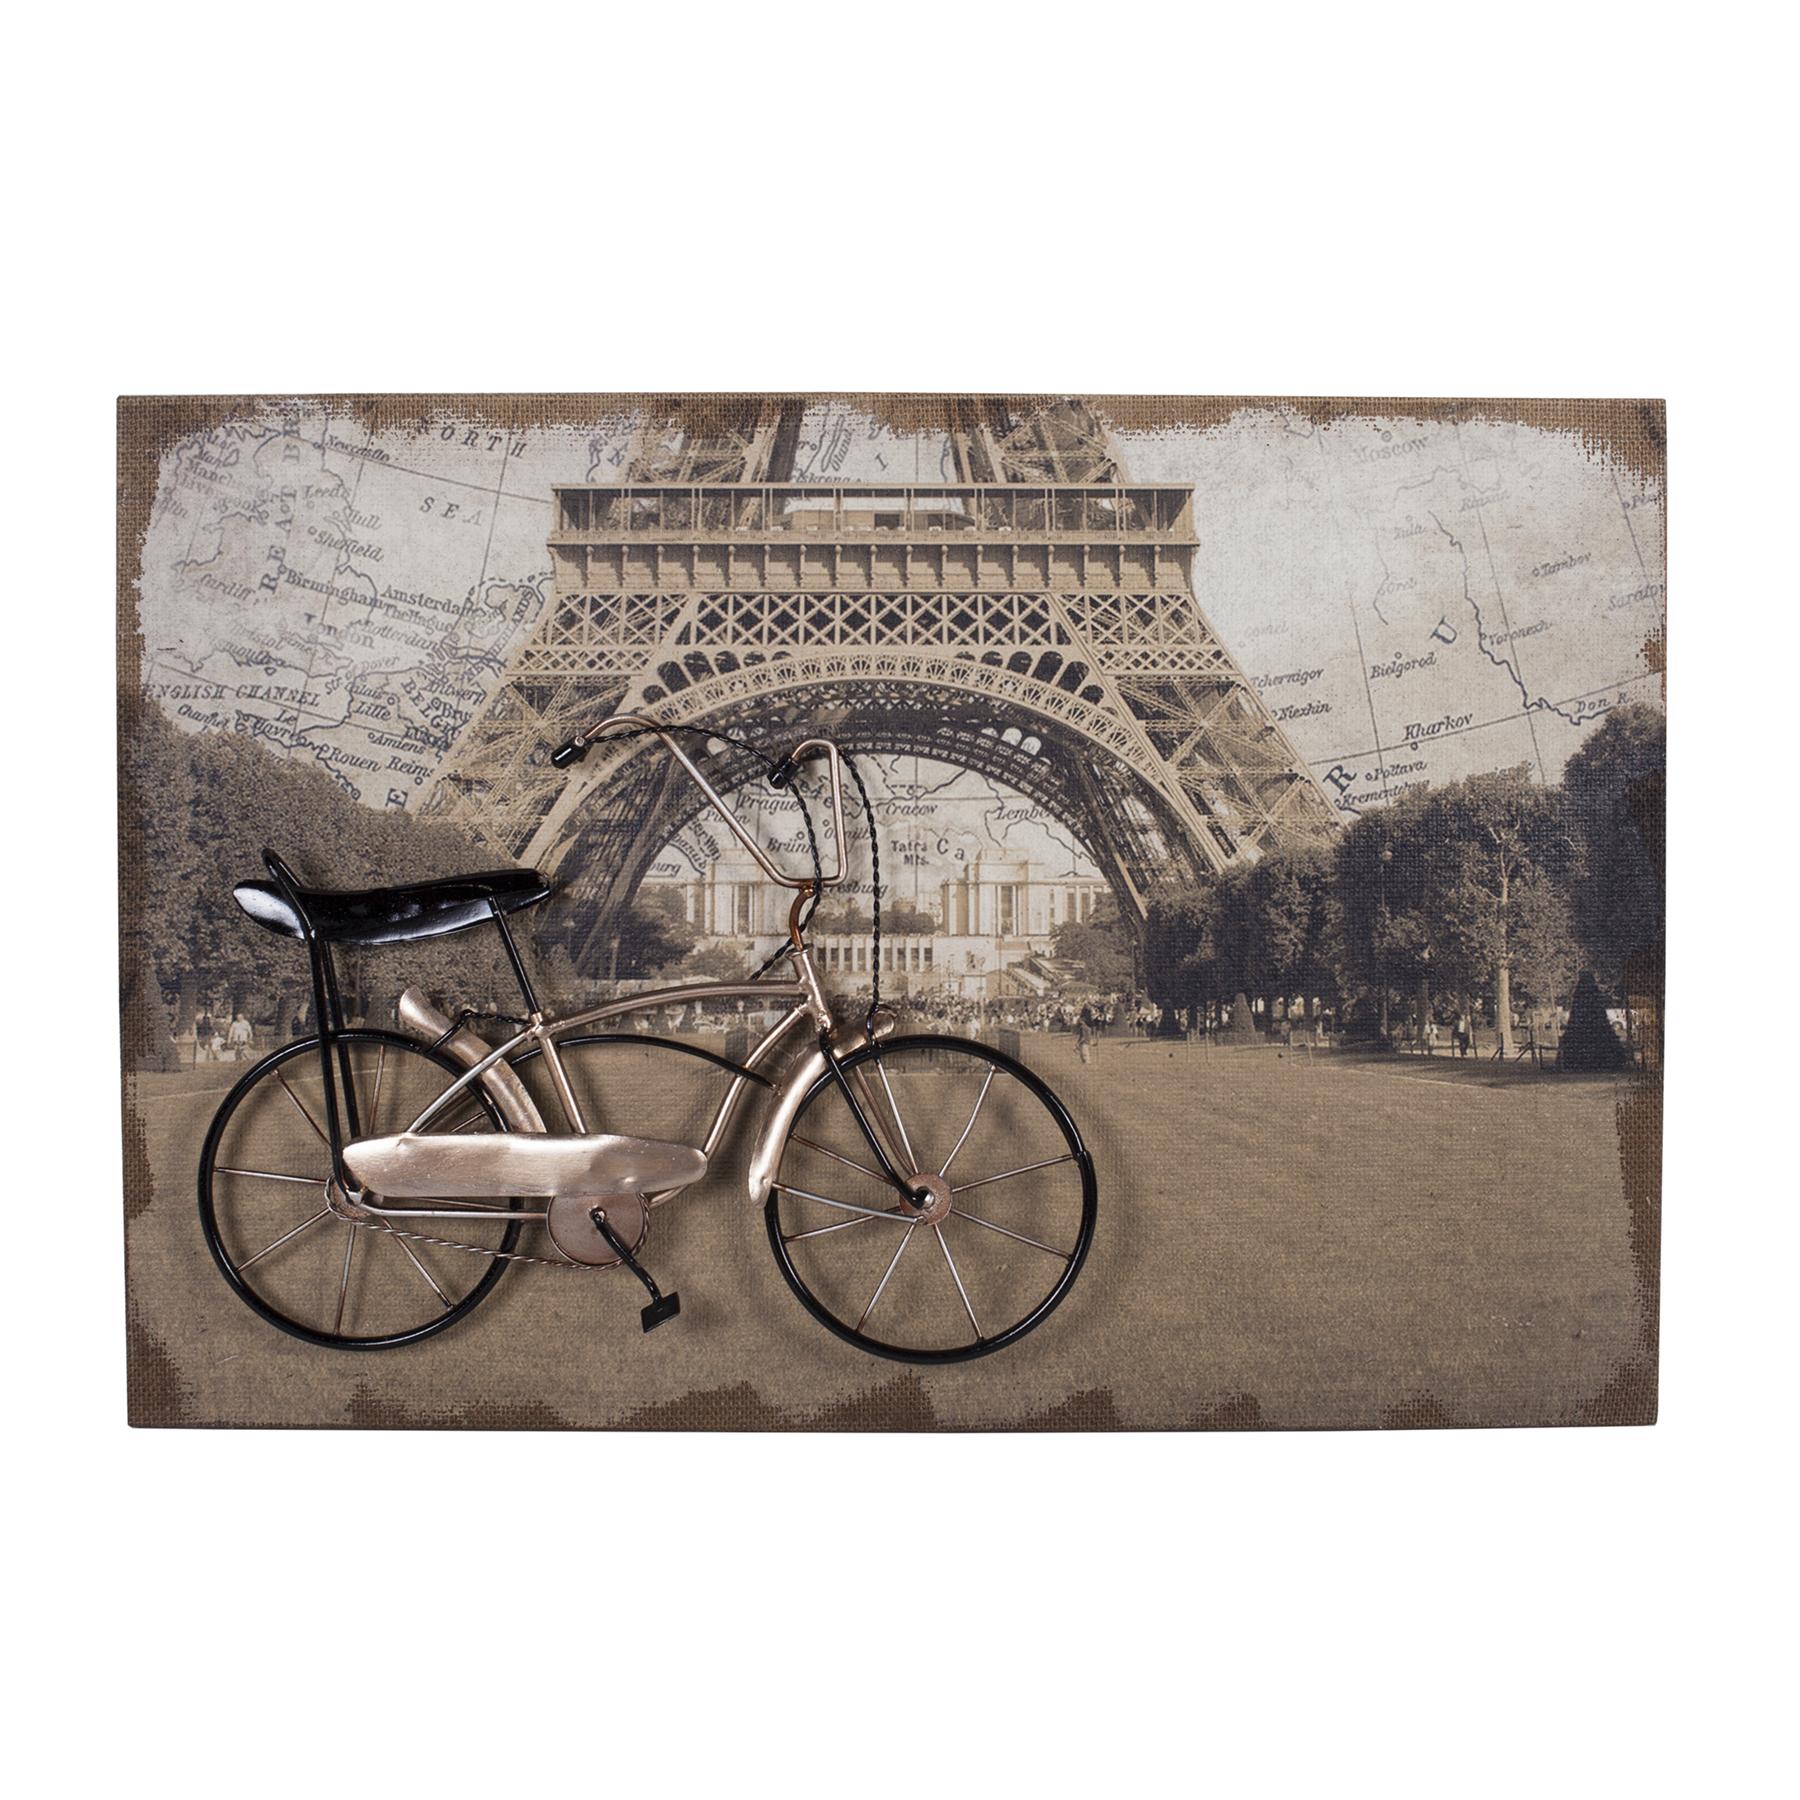 Декоративное настенное панно Paris StoryПанно<br>Очарование Парижа в одной картине. Украшать стены дома остается одним из самых приятных занятий для создания дополнительного уюта комнаты и ярких штрихов и деталей. Всем известно, что голые стены — это скучно. Да и простыми картинами и постерами давно никого не удивишь. Если вы готовы к новаторскому искусству, то панно Paris Story придётся вам по вкусу. Эта картина выполнена практически в 3D технике — её можно не только разглядывать и показывать гостям, но и трогать. Велосипедная коллекция декоративных панно пользуется популярностью и представляет собой композицию из разных техник. Панно выполнено на окрашенном холсте МДФ. Сверху располагается металлический велосипед, как символ практически главного средства передвижения по узким парижским улочкам. Некоторые детали выполнены также из ткани. Такое панно добавит декораторской изюминки в современный интерьер или кантри.<br><br>Material: Текстиль<br>Width см: 60<br>Depth см: 4<br>Height см: 40